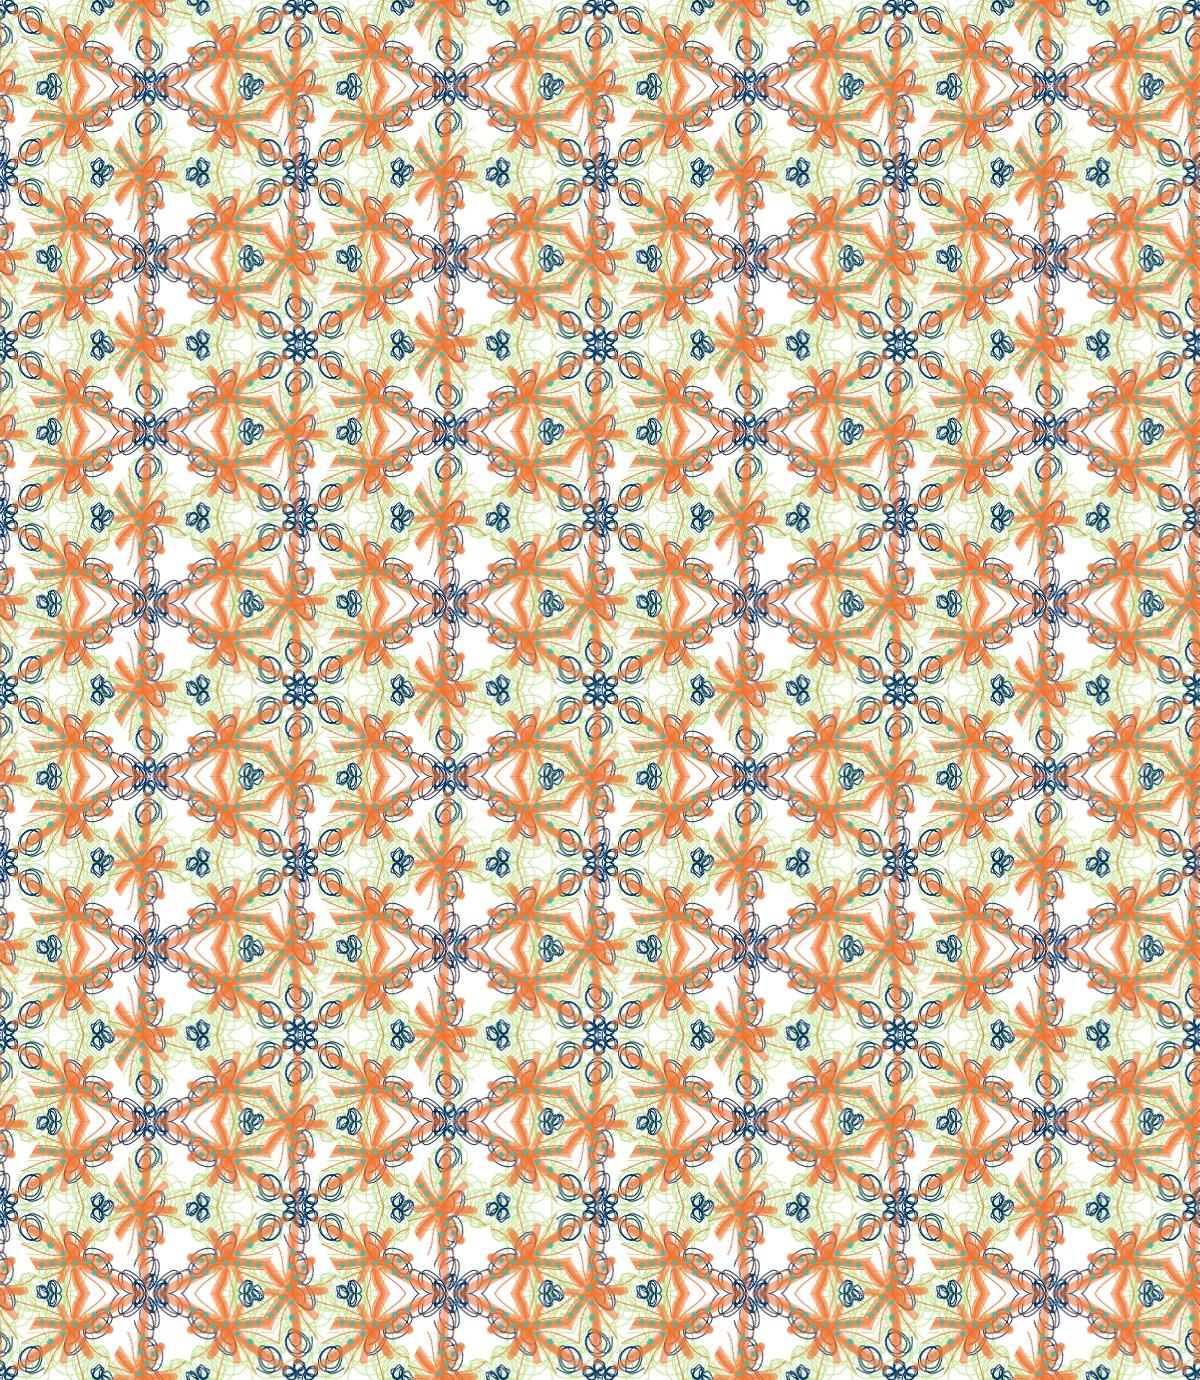 035_tiled